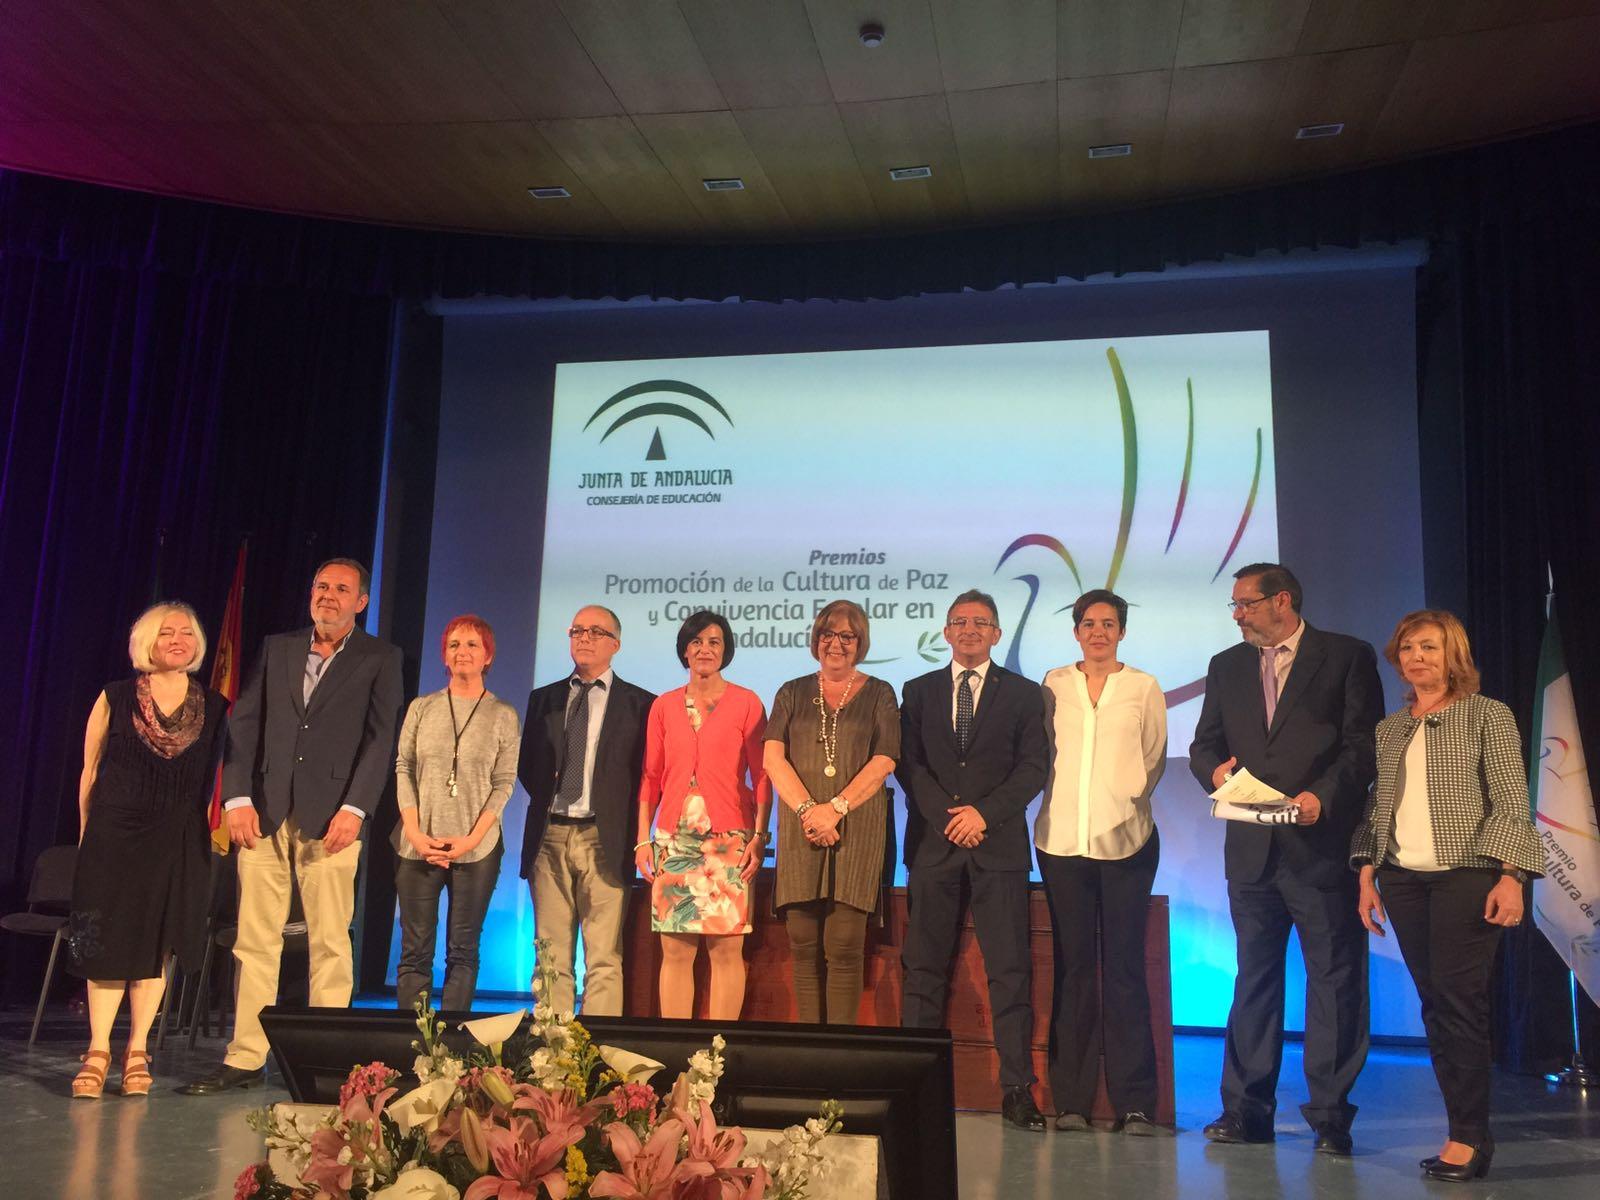 Premio promocion cultura Paz y Convivencia